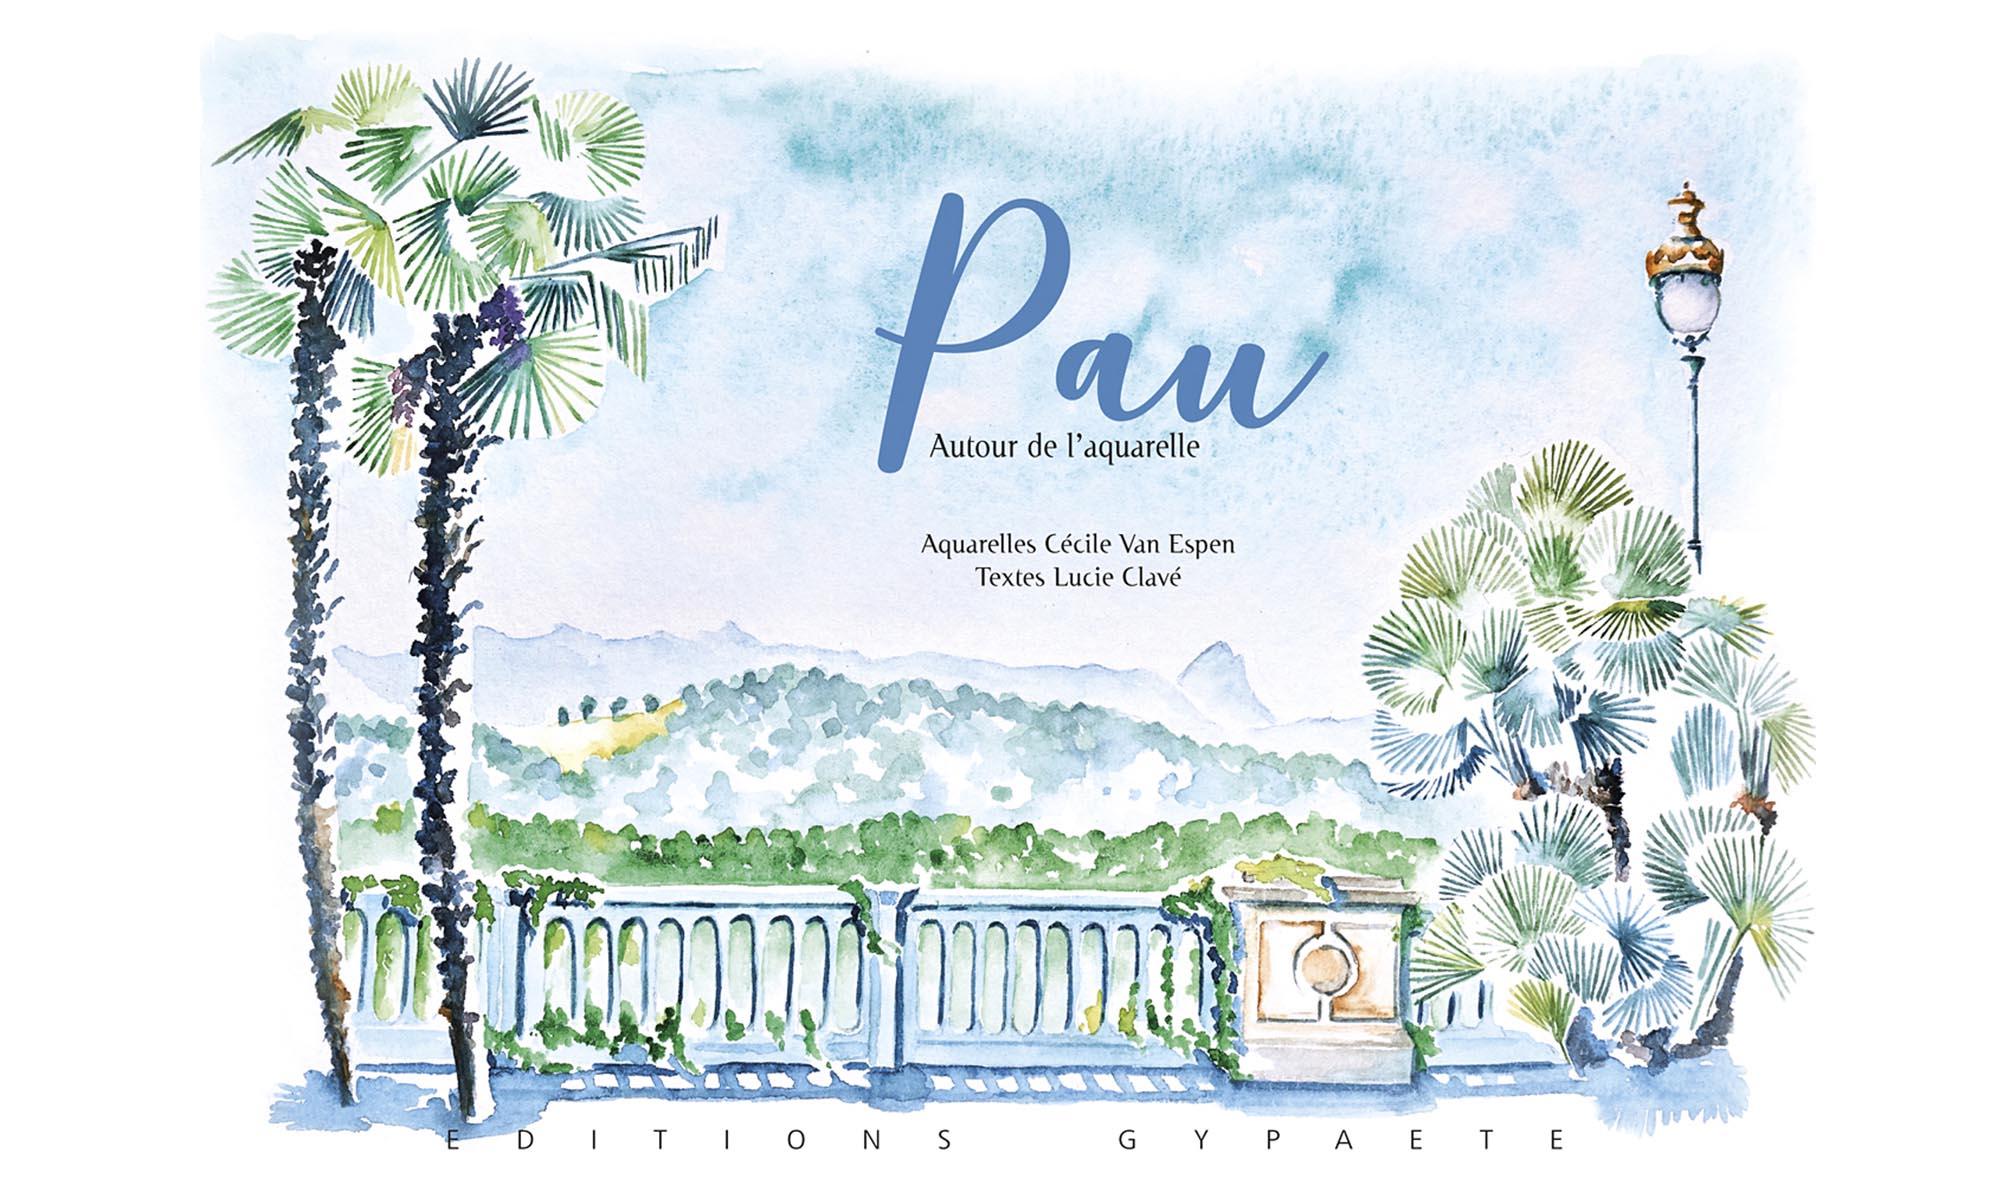 Le Boulevard des Pyrénées à Pau avec vue sur la chaine des Pyrénées en fond. Deux palmiers, d'un côté, et un lampadaire de l'autre encadrent la chaine et la balustrade. Le titre est dans le ciel. Pau est en bleu et très grand.